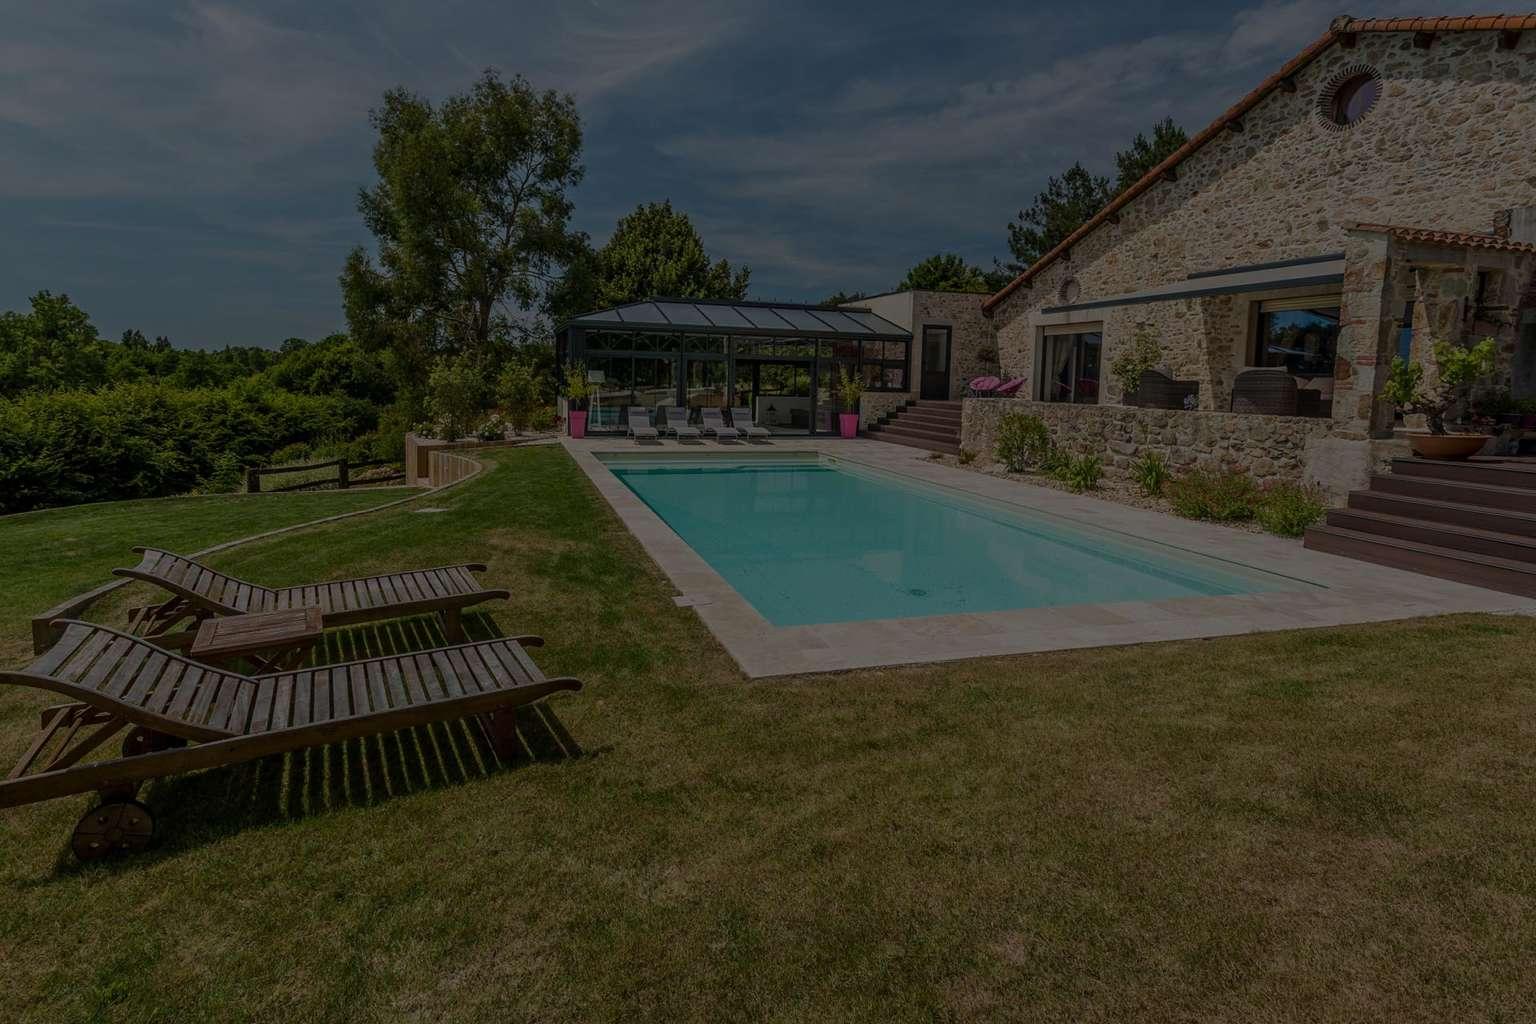 Imersion piscines béton Nantes